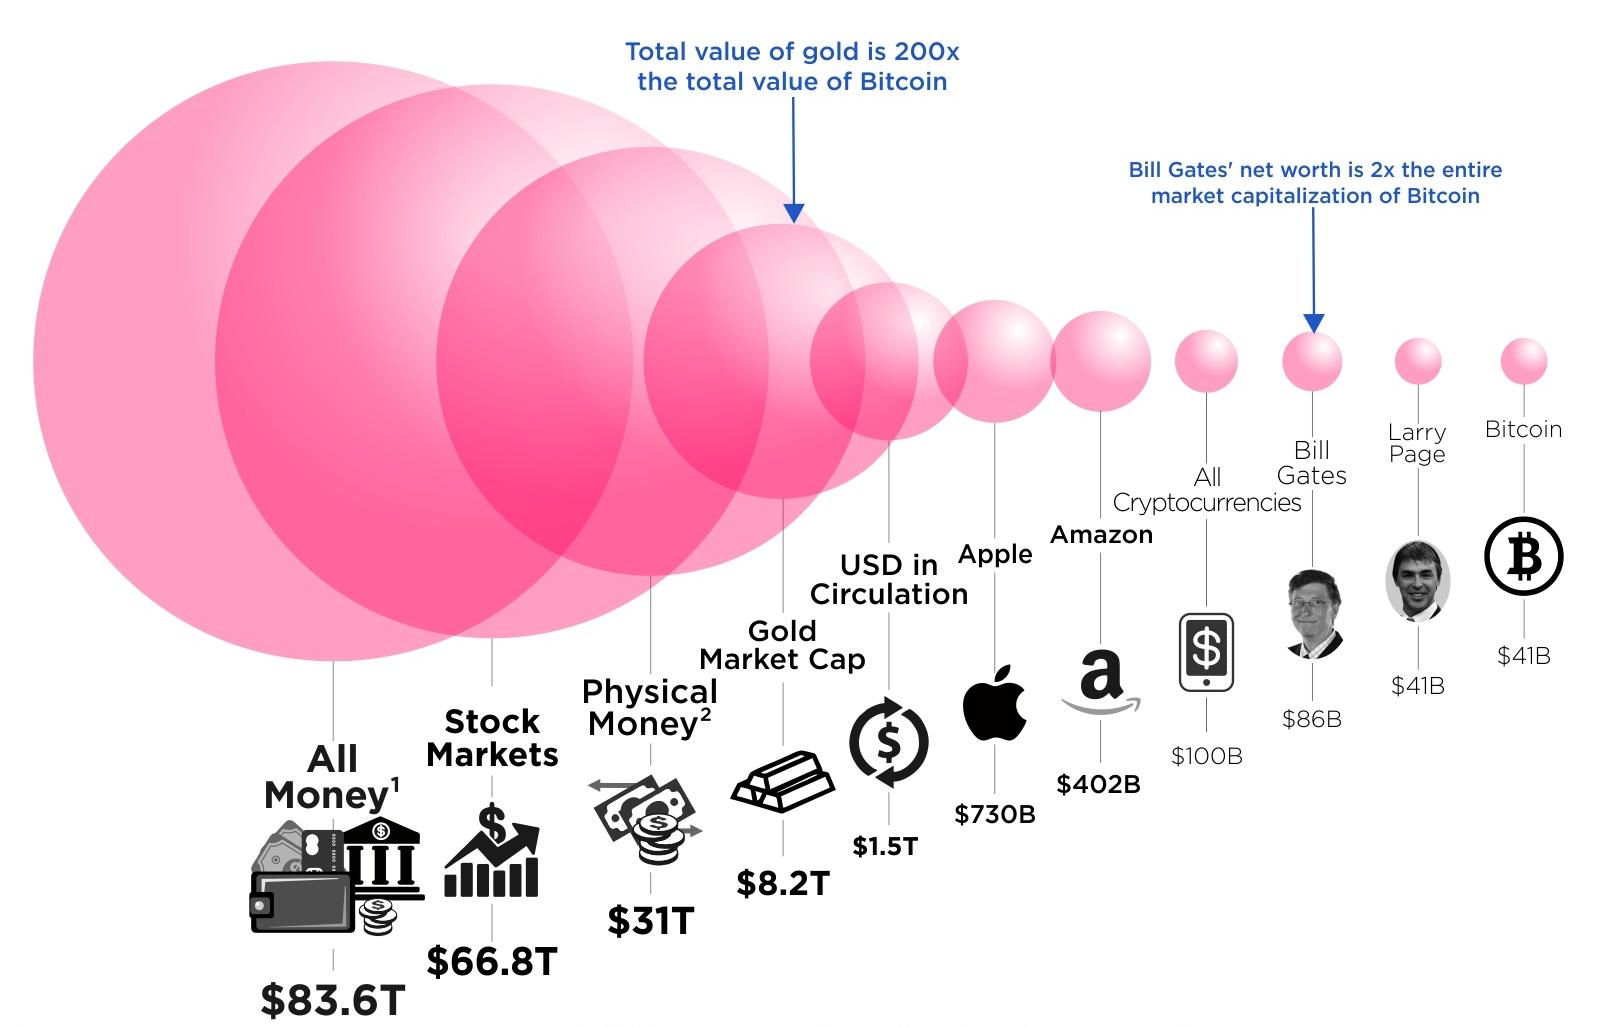 Краткий взгляд на мировую экономику в сравнении некоторых объемов стоимости